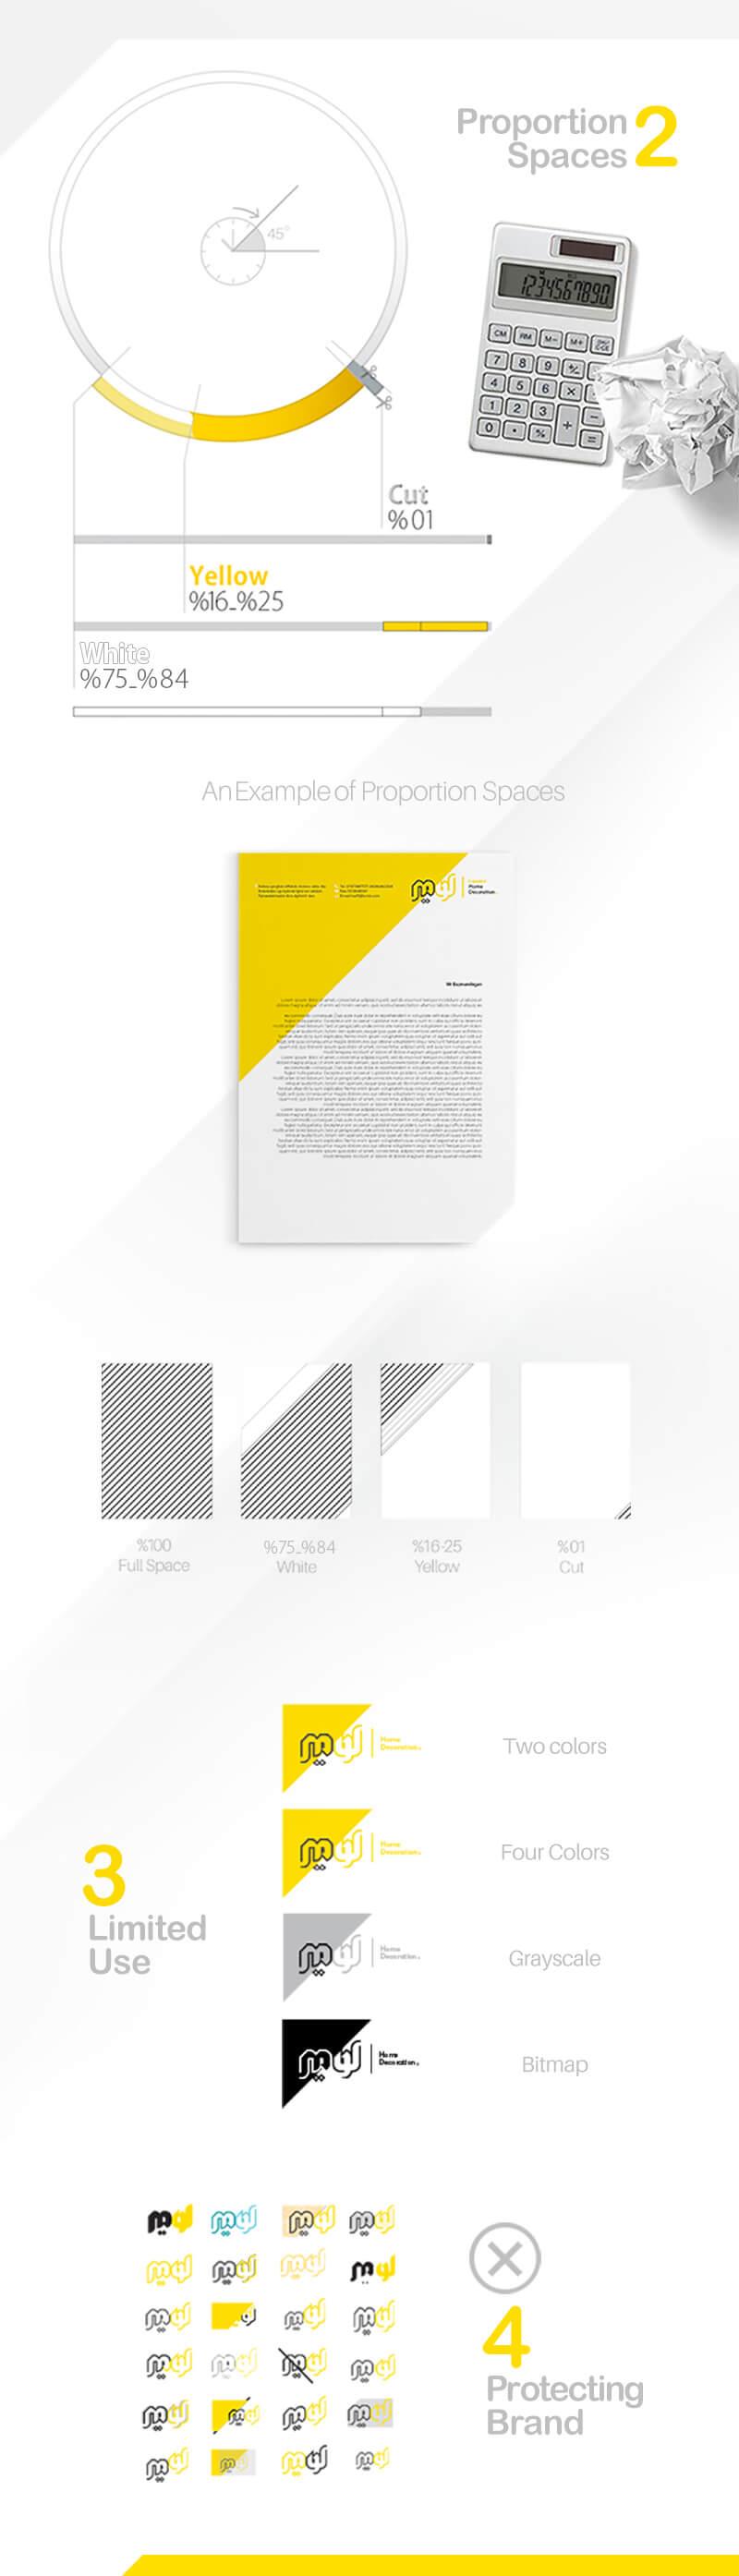 هویت بصری لومیر 2، لومیر، هویت بصری، طراحی لوگو، طراحی لوگوتایپ، طراحی ست اداری، طراحی اوراق اداری، شرکت تبلیغاتی الف، طراحی هویت بصری